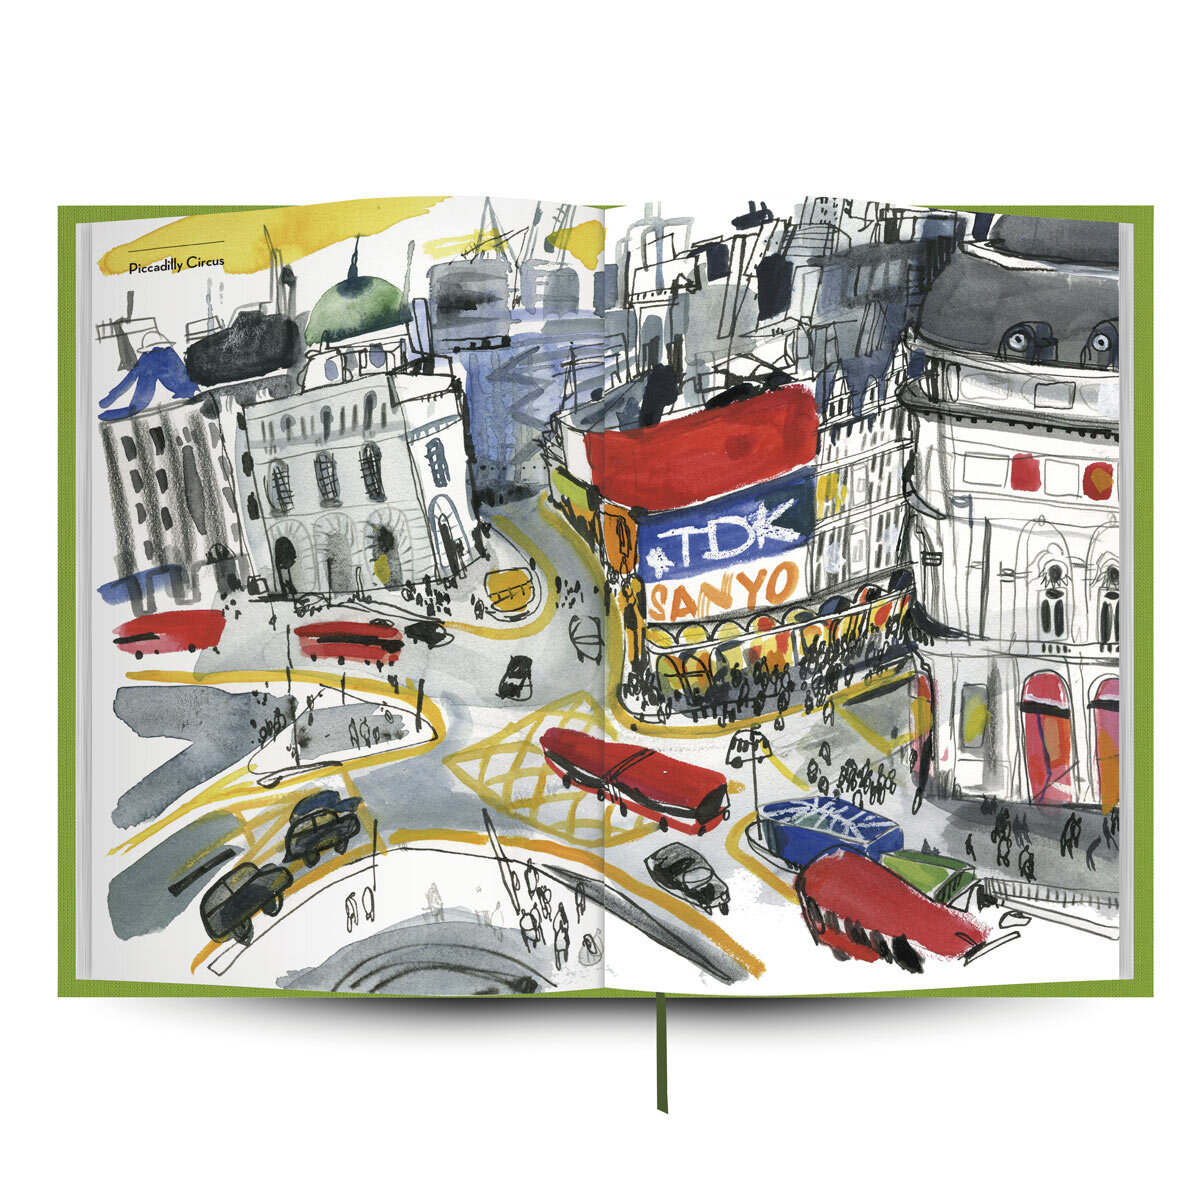 Libro de viajes a Londres de la editorial Tintablanca